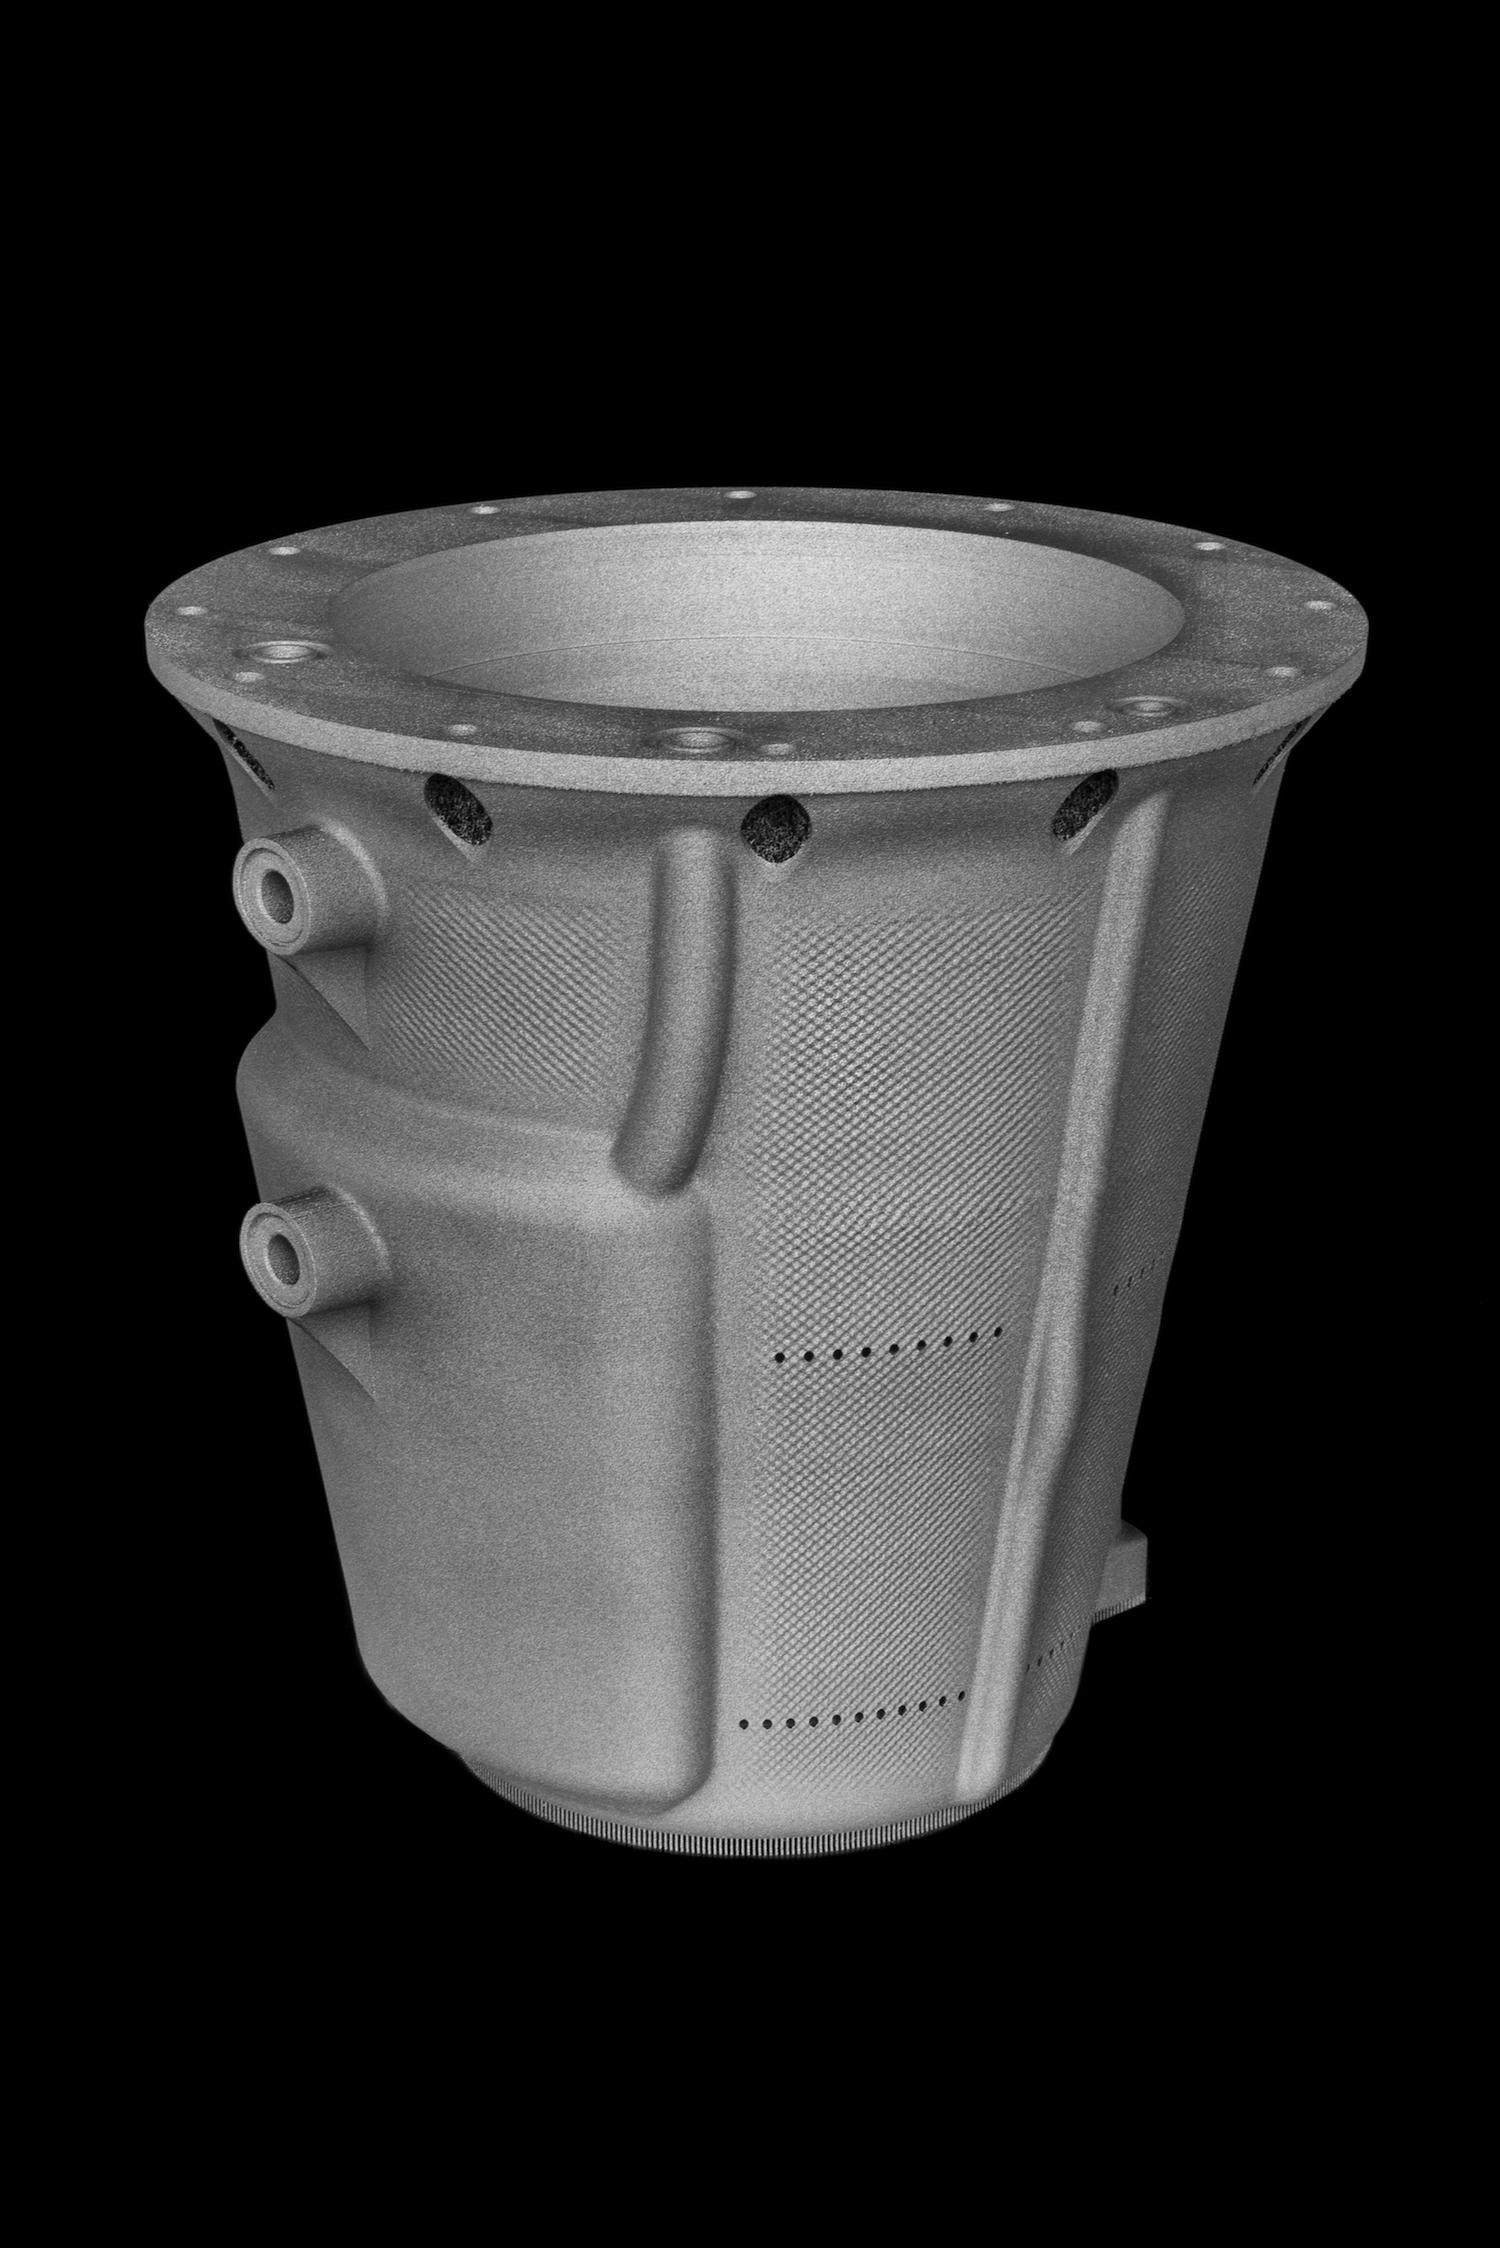 Betatype助力赛峰飞机3D打印发电机壳体部件,结构更轻更强